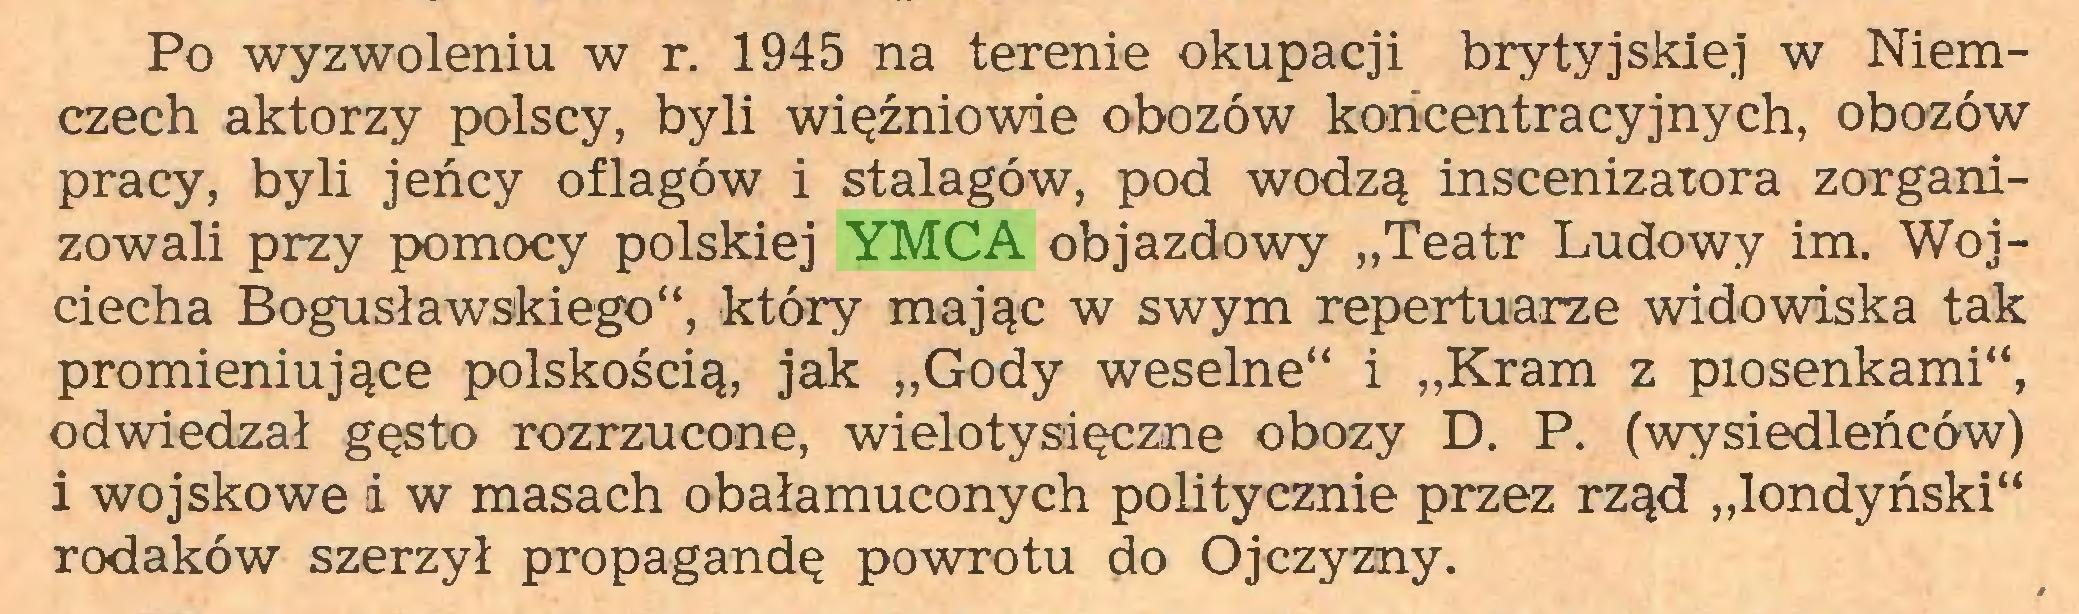 """(...) Po wyzwoleniu w r. 1945 na terenie okupacji brytyjskiej w Niemczech aktorzy polscy, byli więźniowie obozów koncentracyjnych, obozów pracy, byli jeńcy oflagów i stalagów, pod wodzą inscenizatora zorganizowali przy pomocy polskiej YMCA objazdowy """"Teatr Ludowy im. Wojciecha Bogusławskiego"""", który mając w swym repertuarze widowiska tak promieniujące polskością, jak """"Gody weselne"""" i """"Kram z piosenkami"""", odwiedzał gęsto rozrzucone, wielotysięczne obozy D. P. (wysiedleńców) i wojskowe i w masach obałamuconych politycznie przez rząd """"londyński"""" rodaków szerzył propagandę powrotu do Ojczyzny..."""